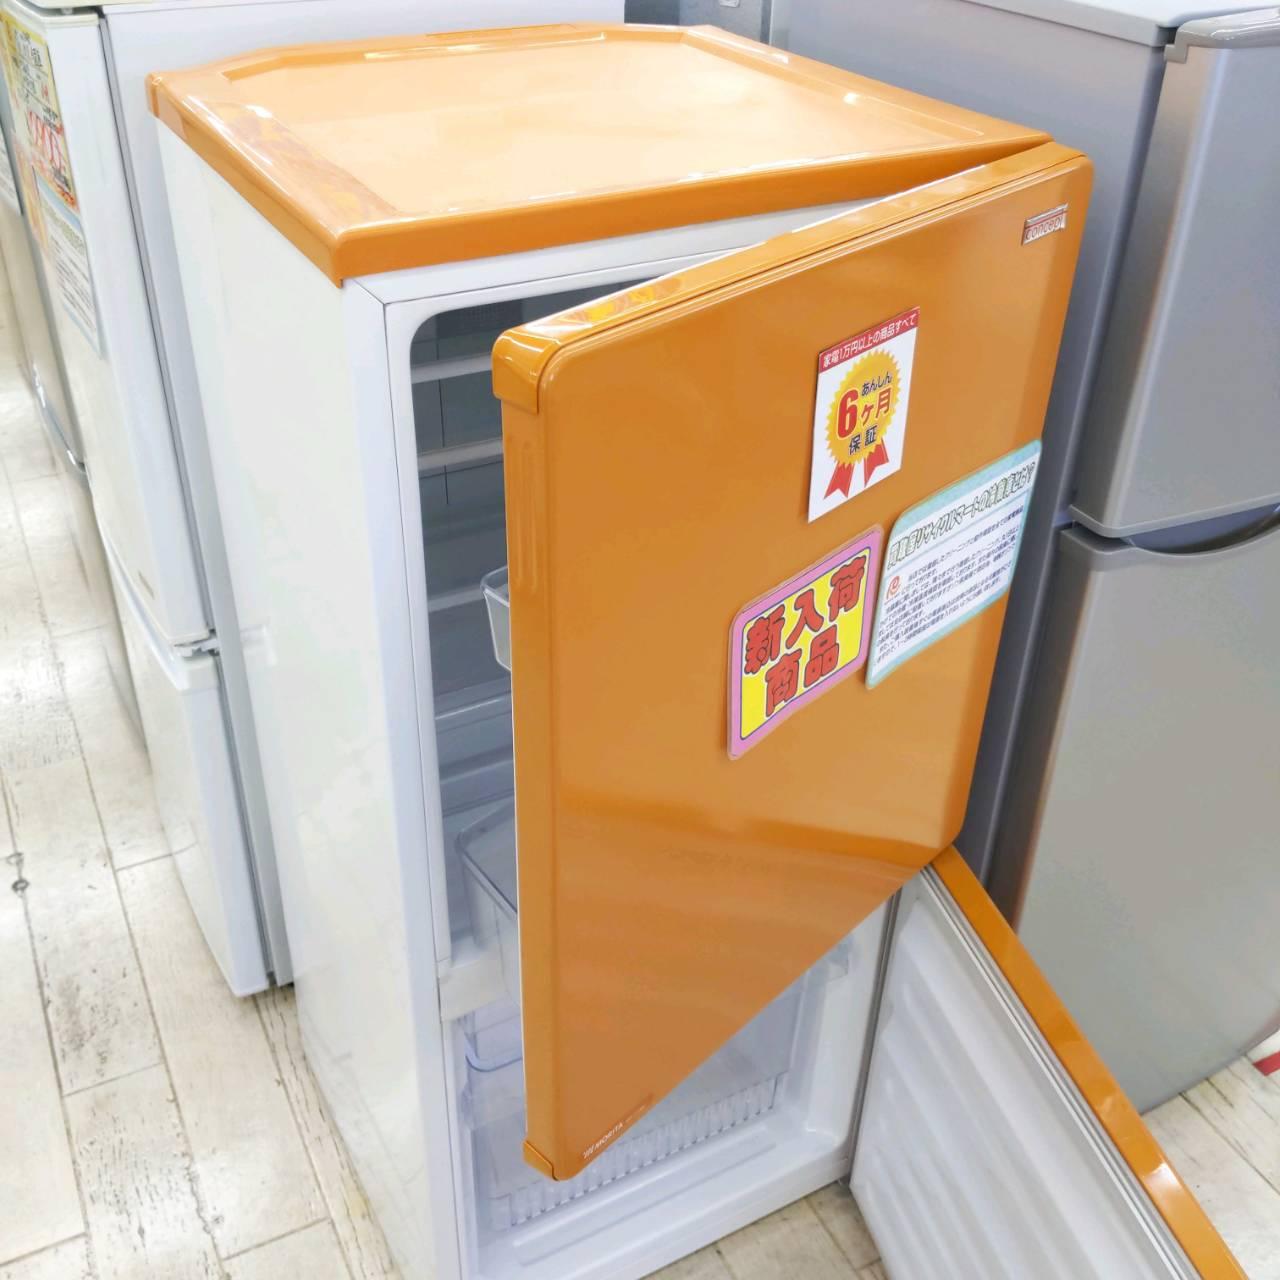 【★参考上代約3.3万 MORITA 110L冷蔵庫 MR-J110BC concept オレンジ カラー冷蔵庫★】を買い取りさせて頂きました。の買取-